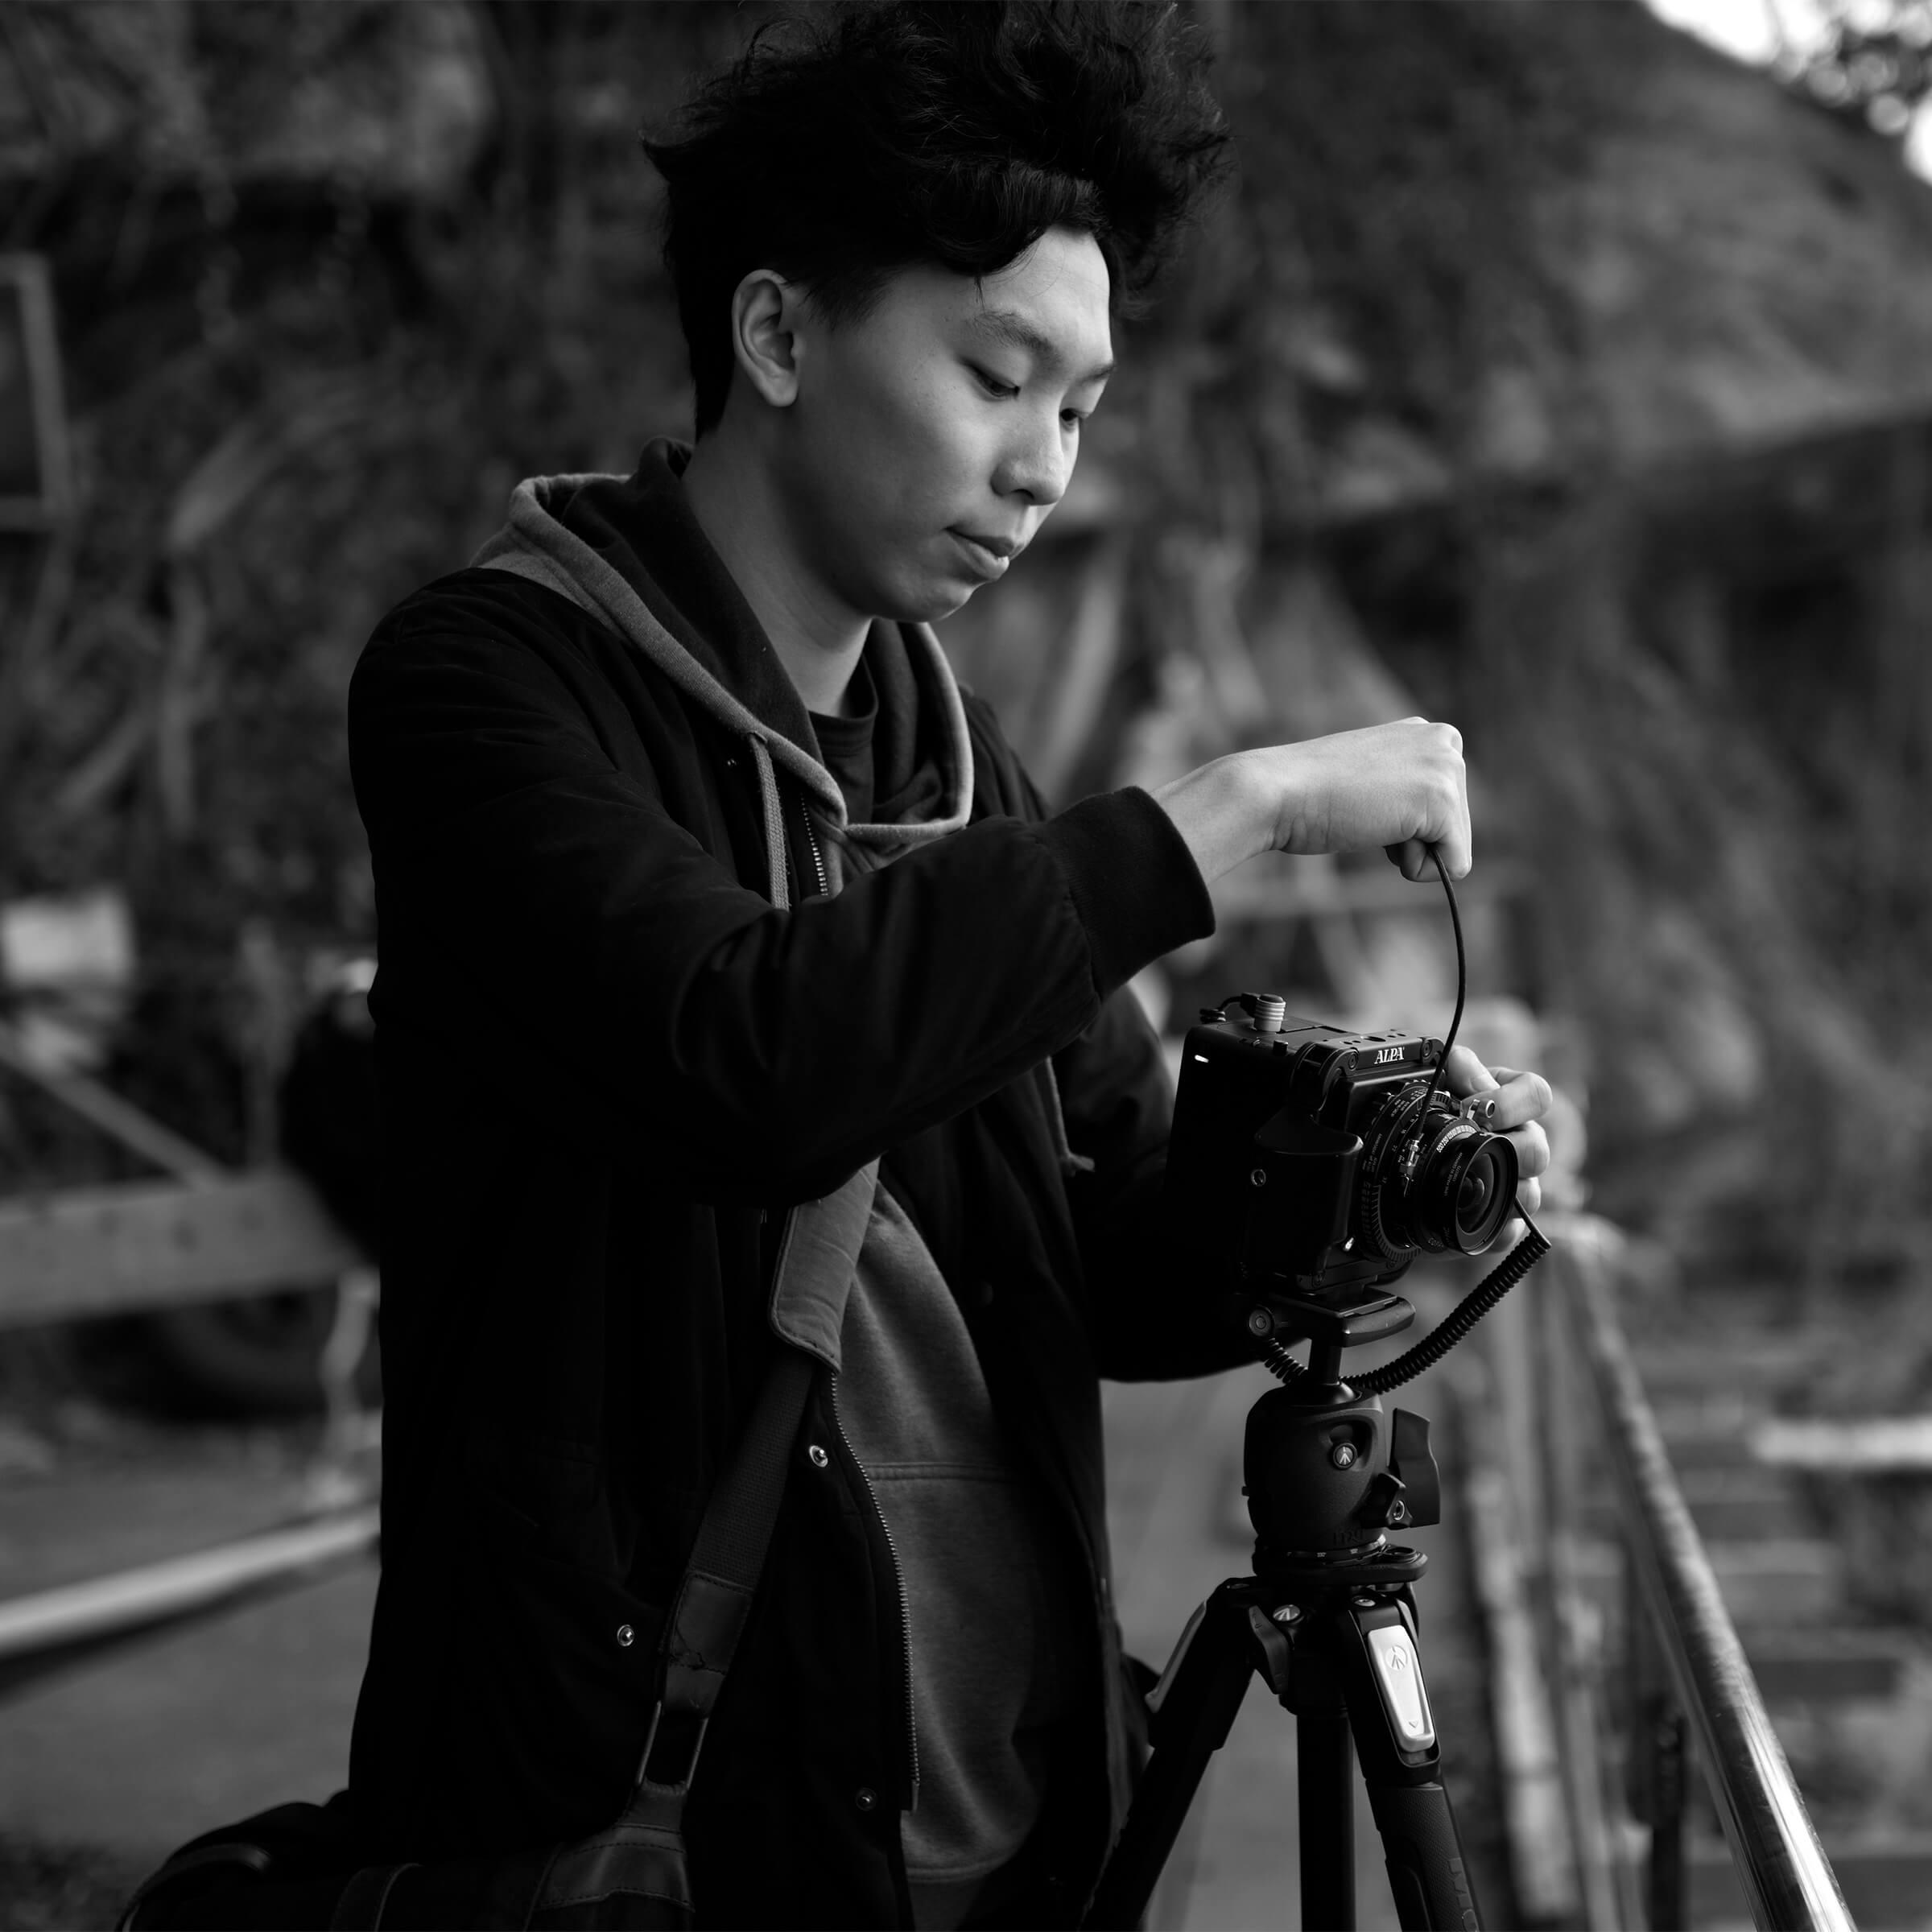 Chen, Zhihao